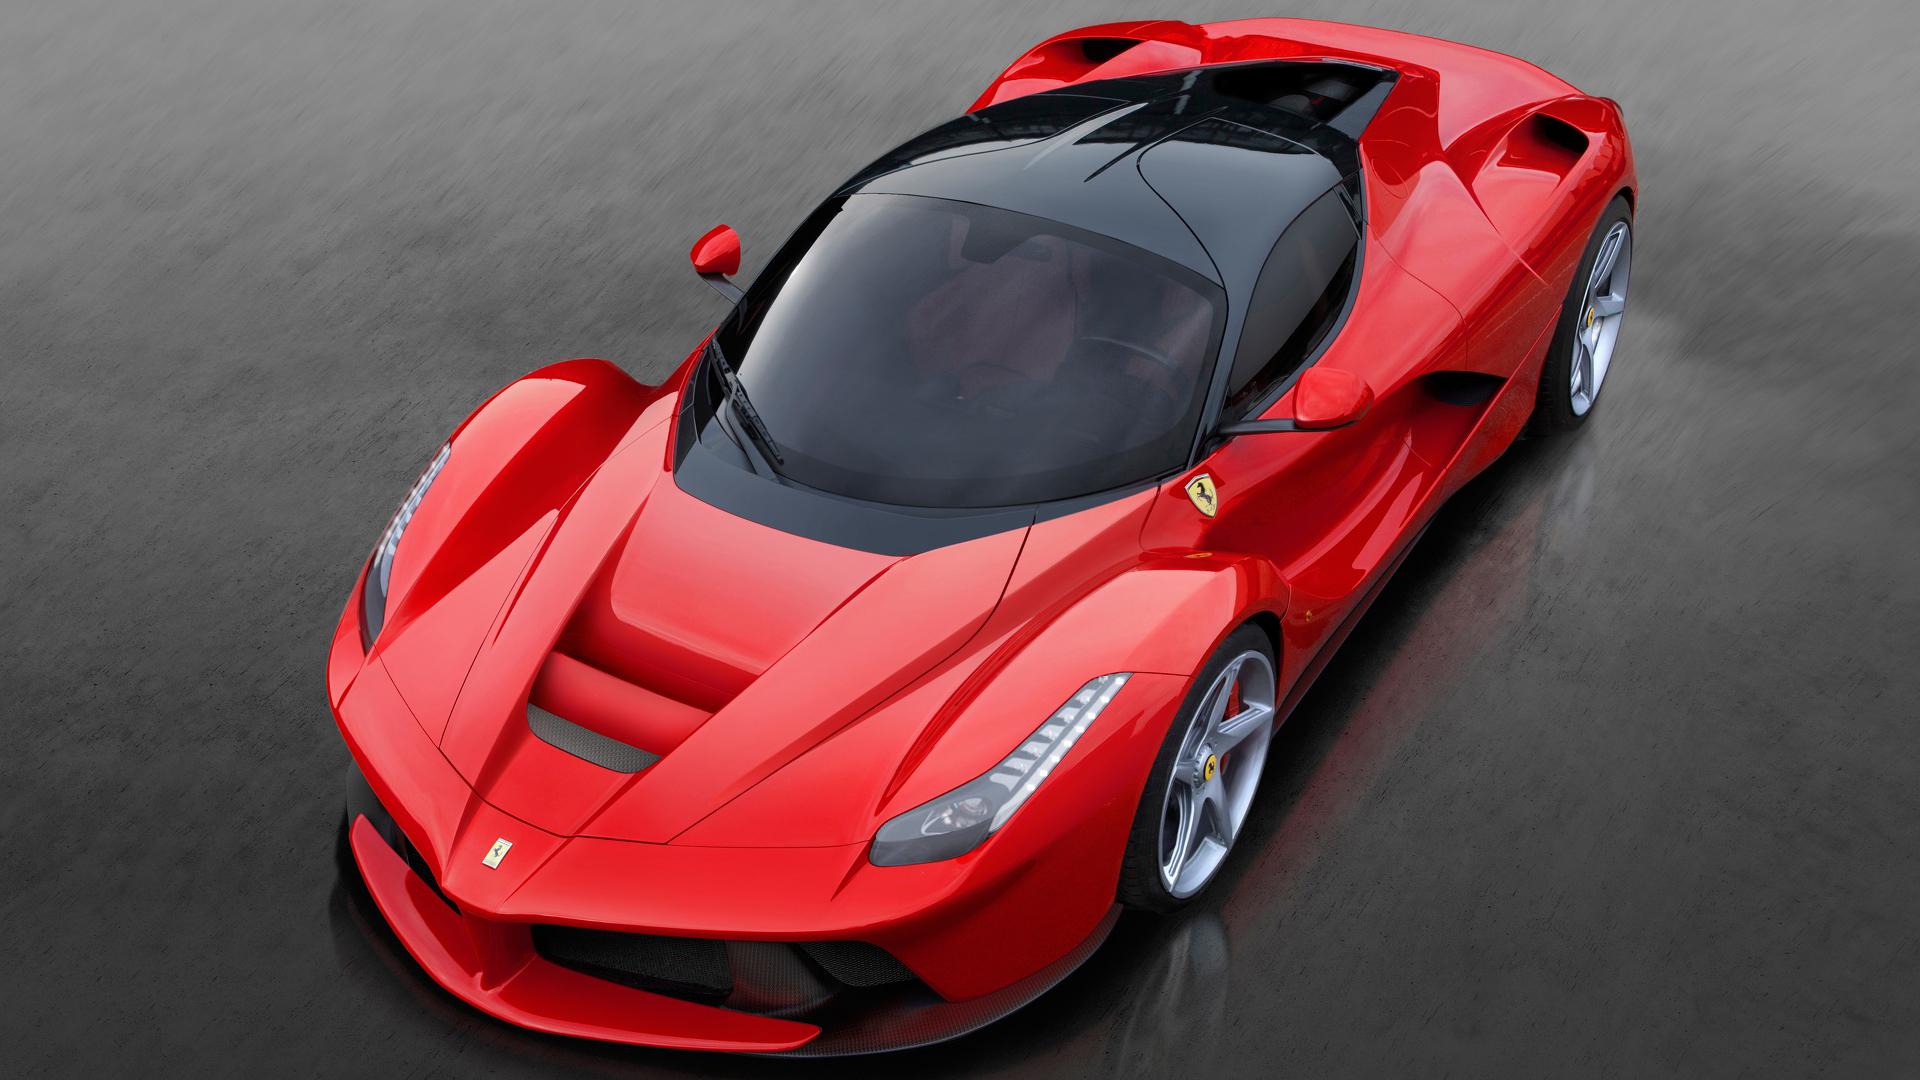 Ferrari La Ferrari >> Ferrari Laferrari News And Reviews Motor1 Com